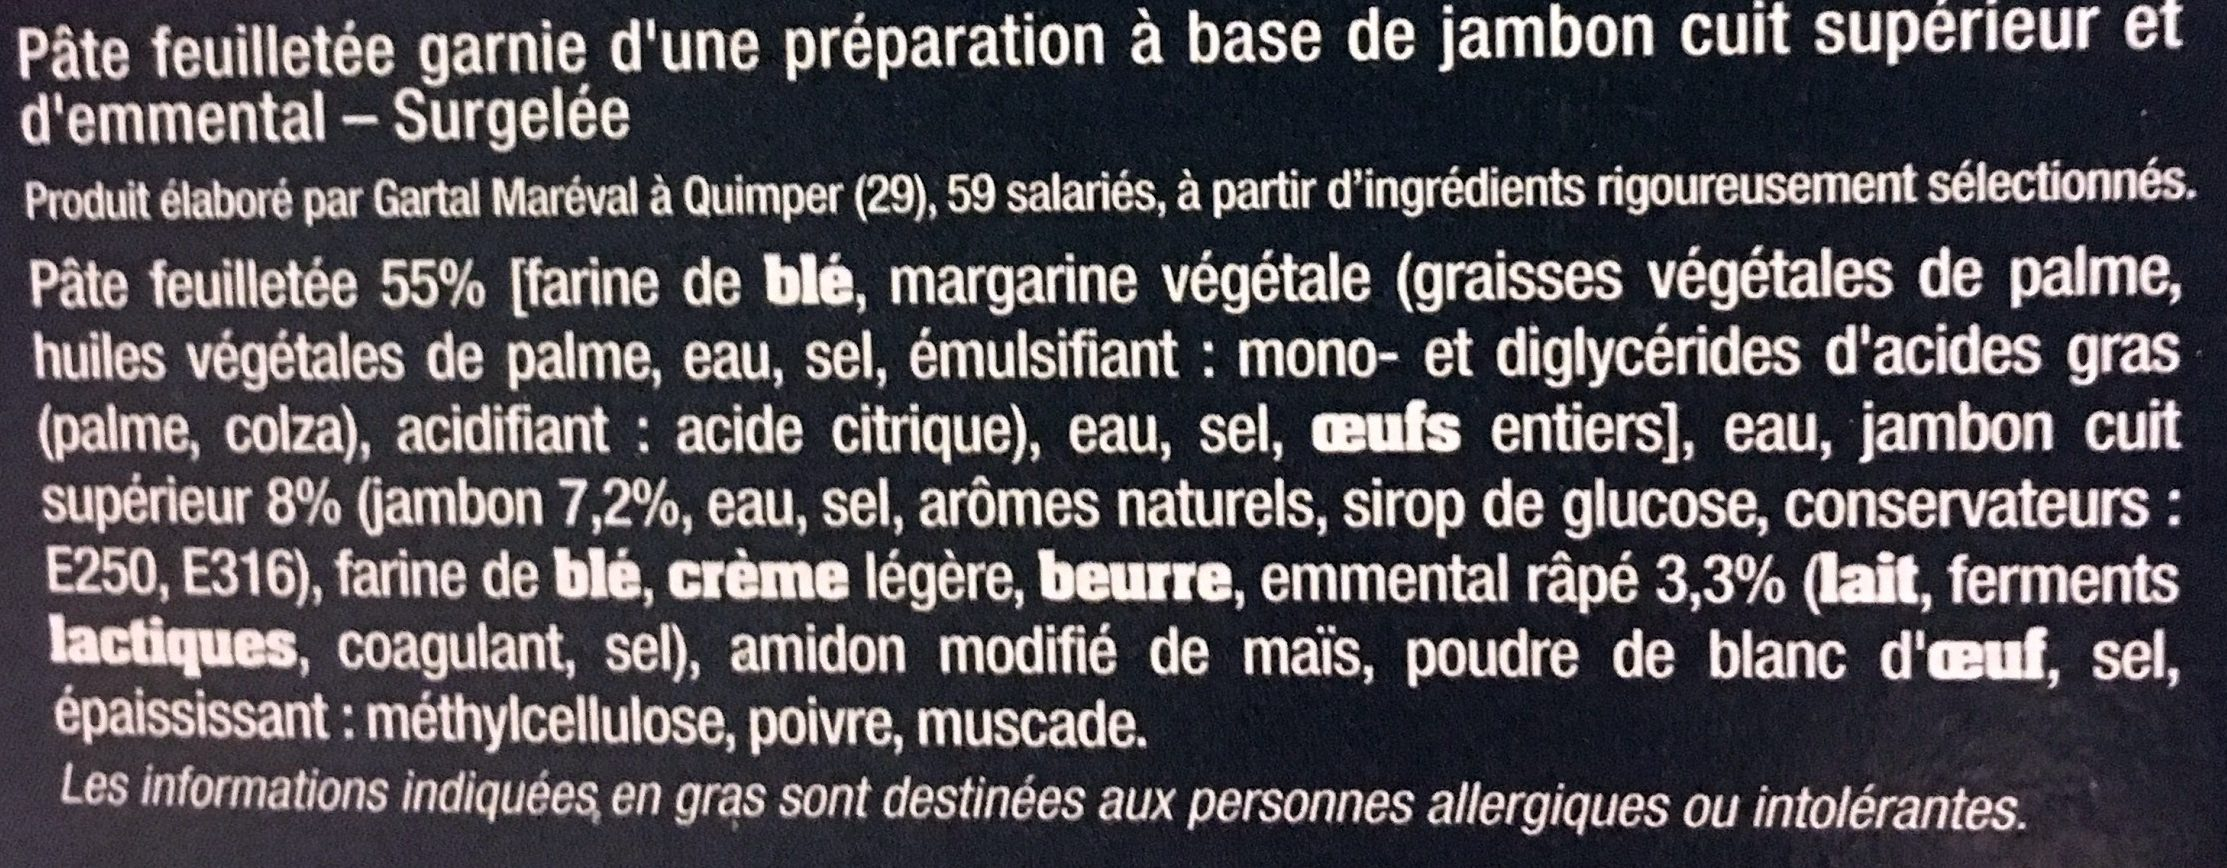 4 Feuilletés Jambon Emmental (+ 1) - Ingrédients - fr